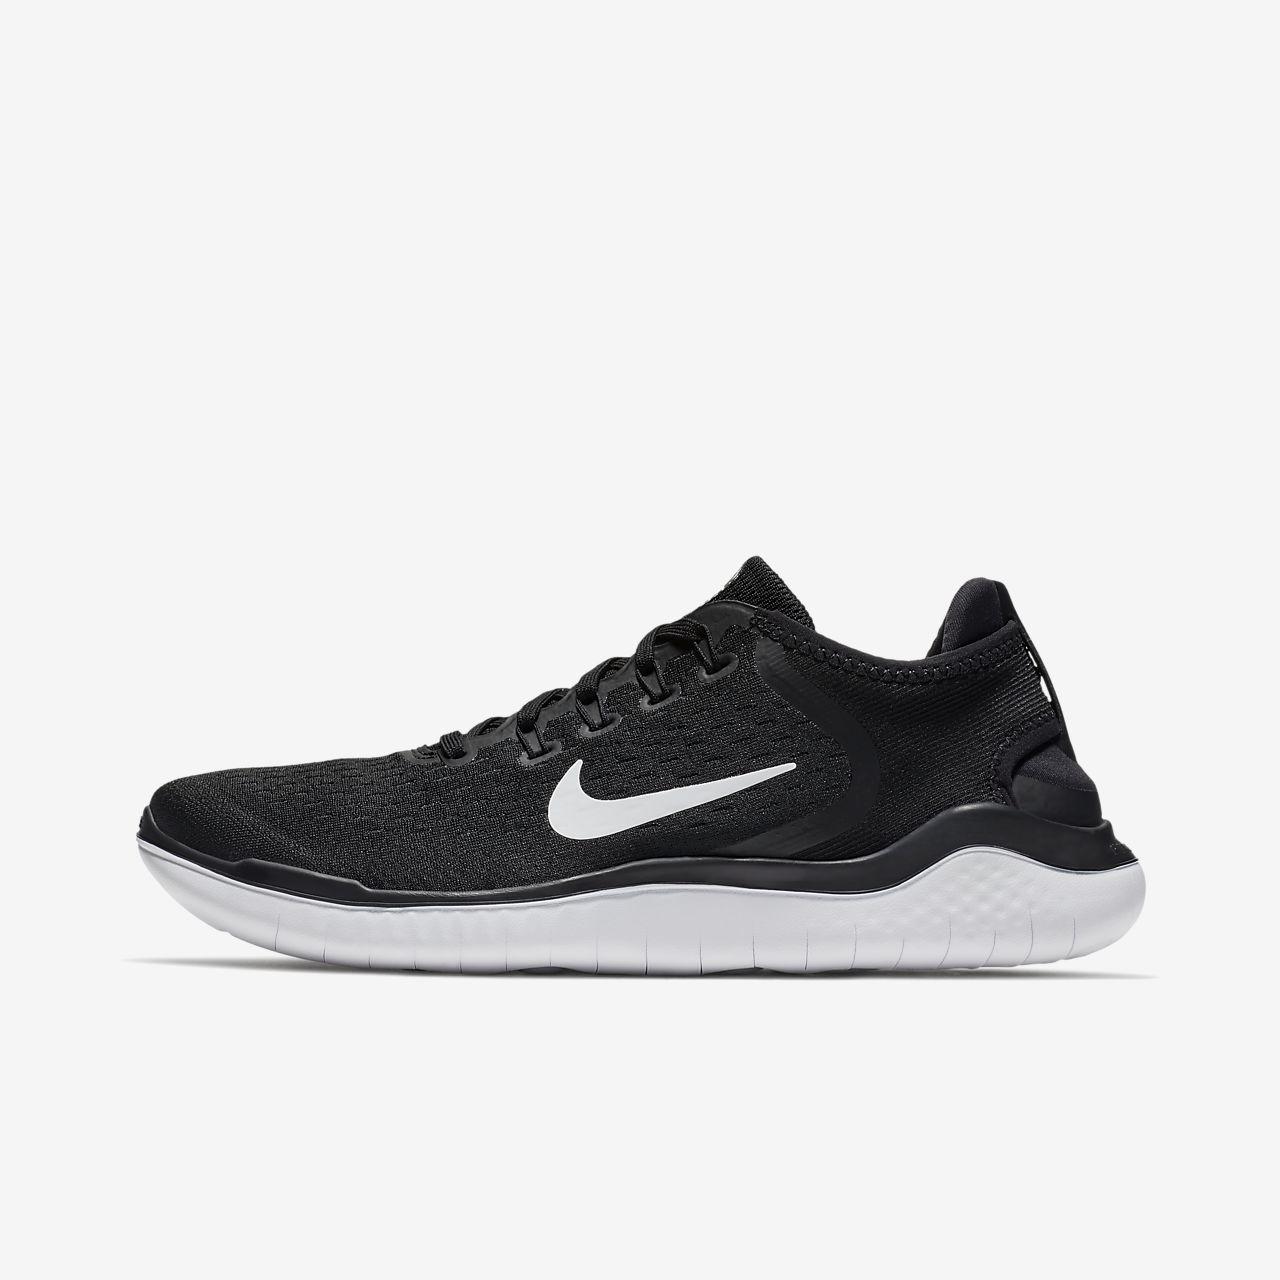 NIKE Free RN 2018 Scarpe Da Corsa Sneaker Scarpe da uomo Nero 942836 001